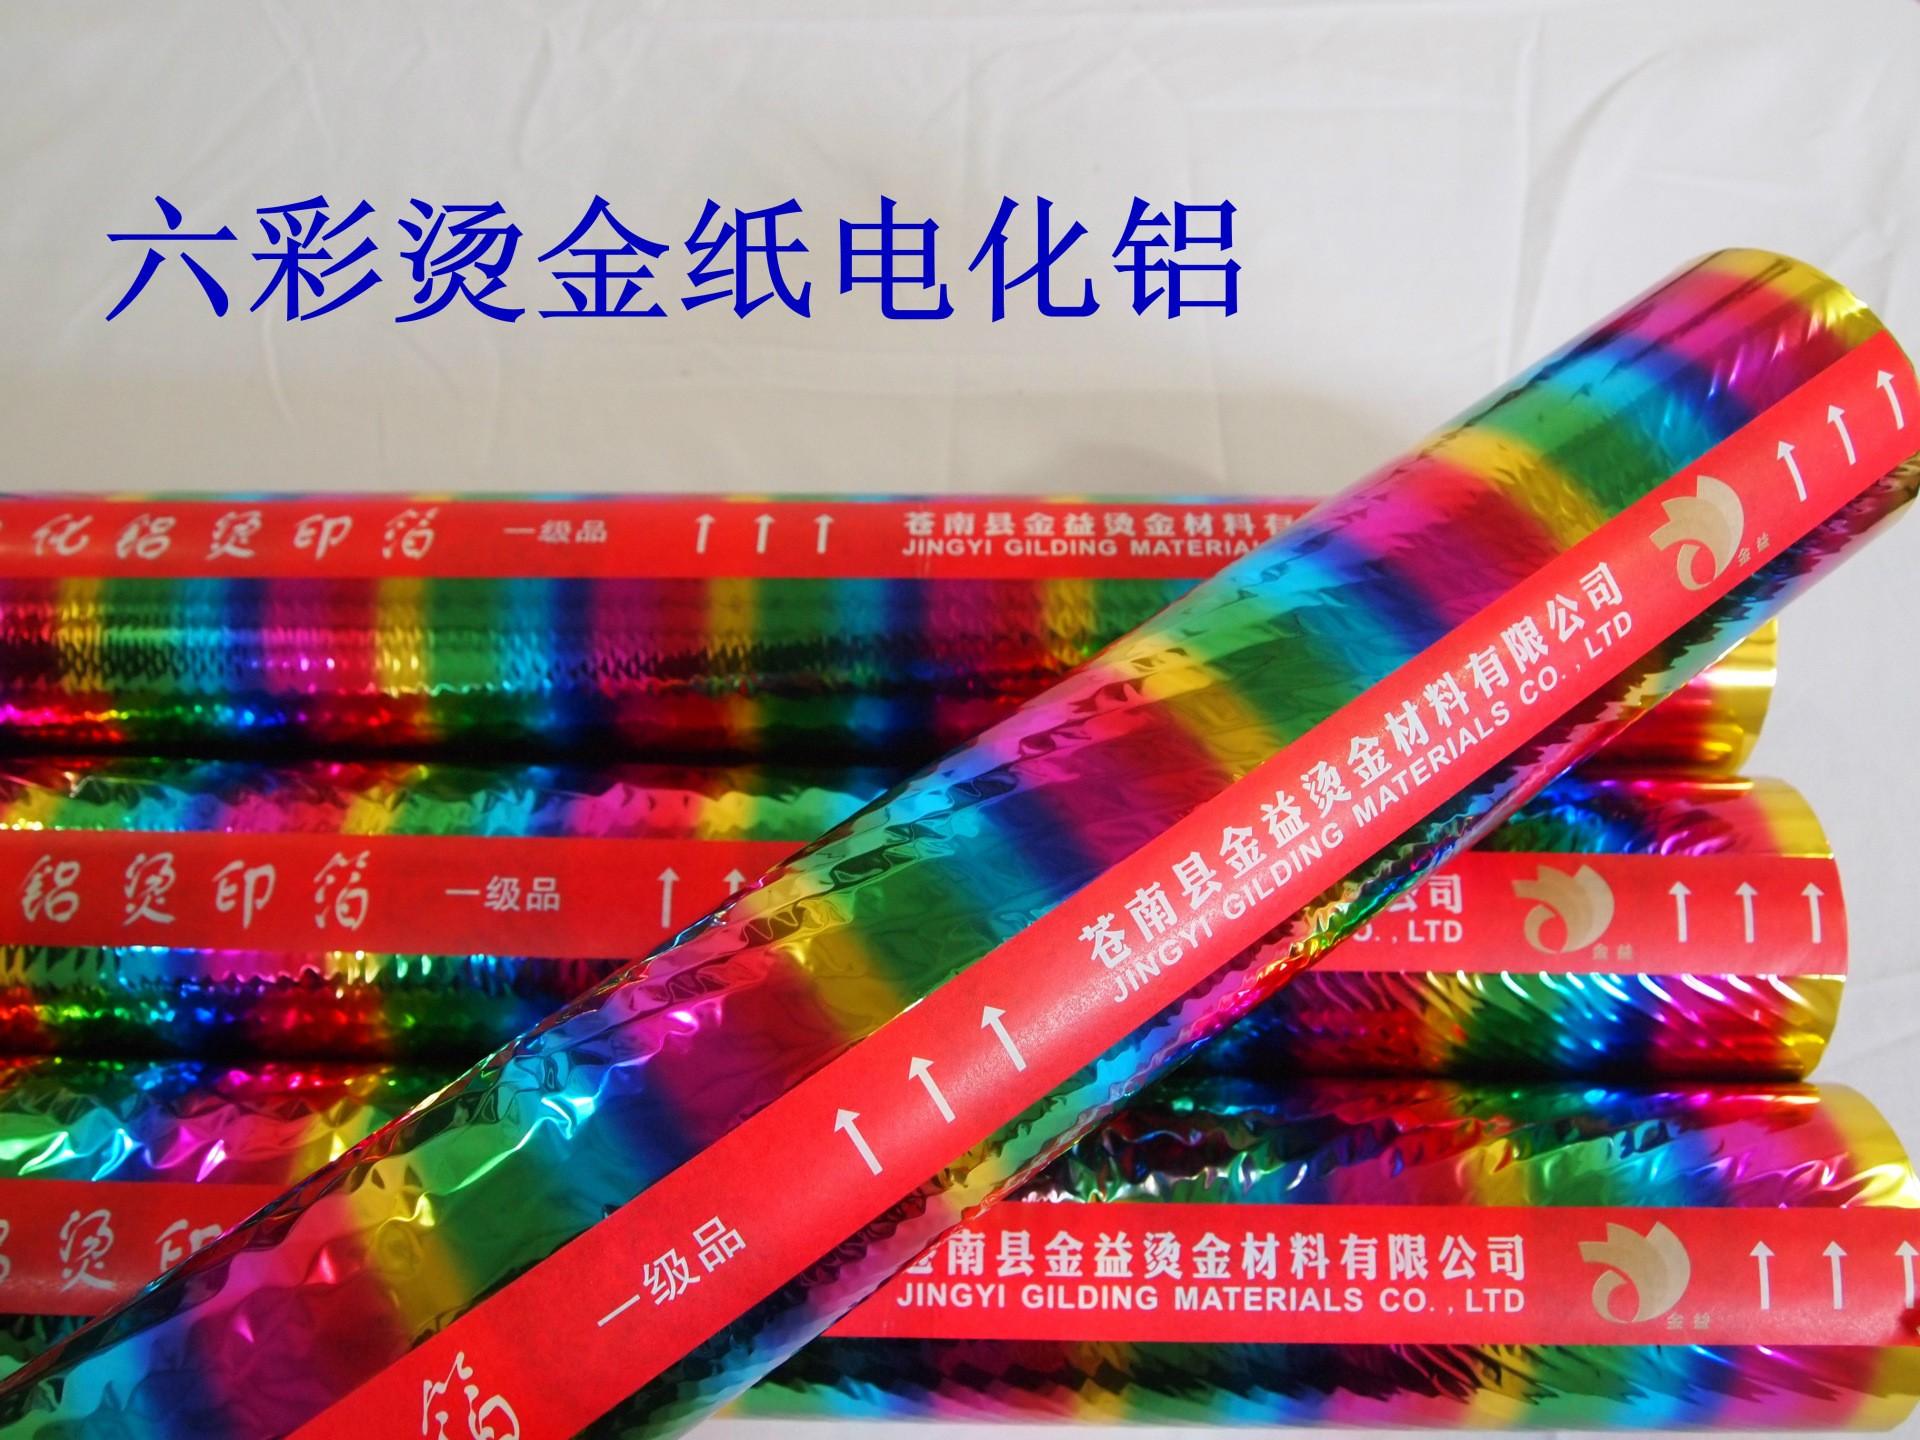 厂家直销烫佛香五彩烫金纸(电化铝) 进口烫金纸 PET